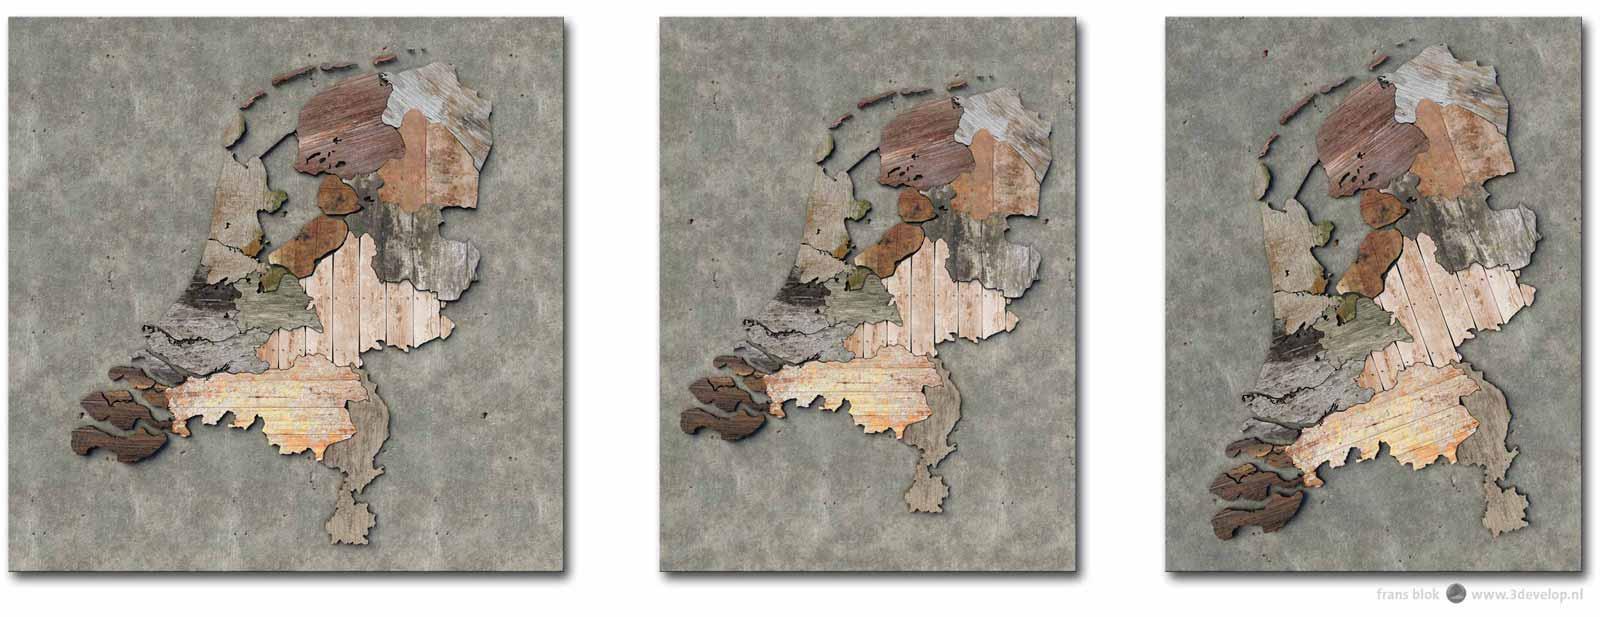 Drie verschillende uitsneden van een kaart van Nederland met de provincies uitgevoerd als verschillende stukken sloophout: vierkant, staand rechthoekig en gedraaid